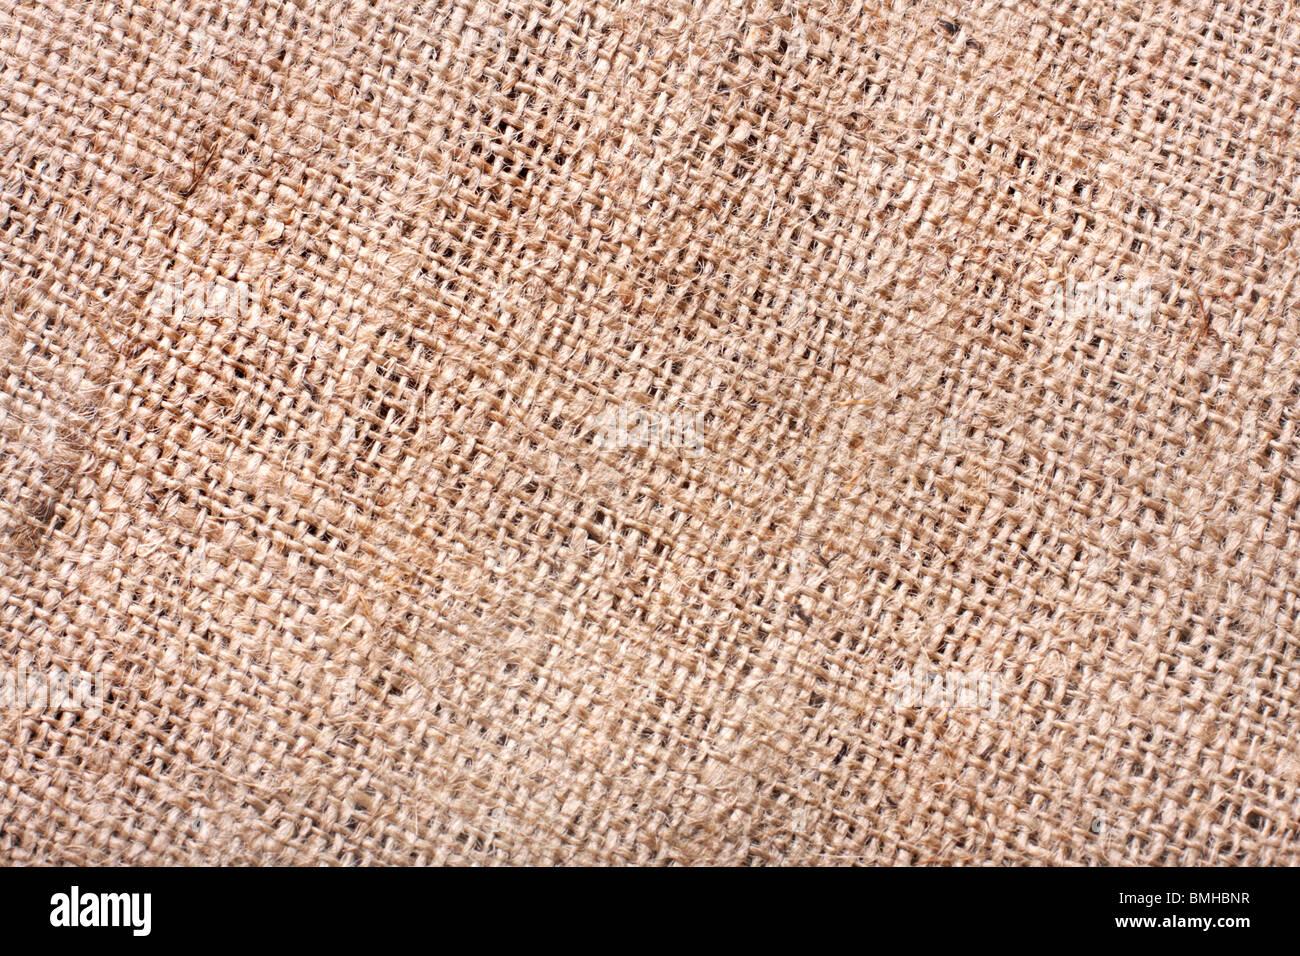 Close-up of burlap texture - Stock Image